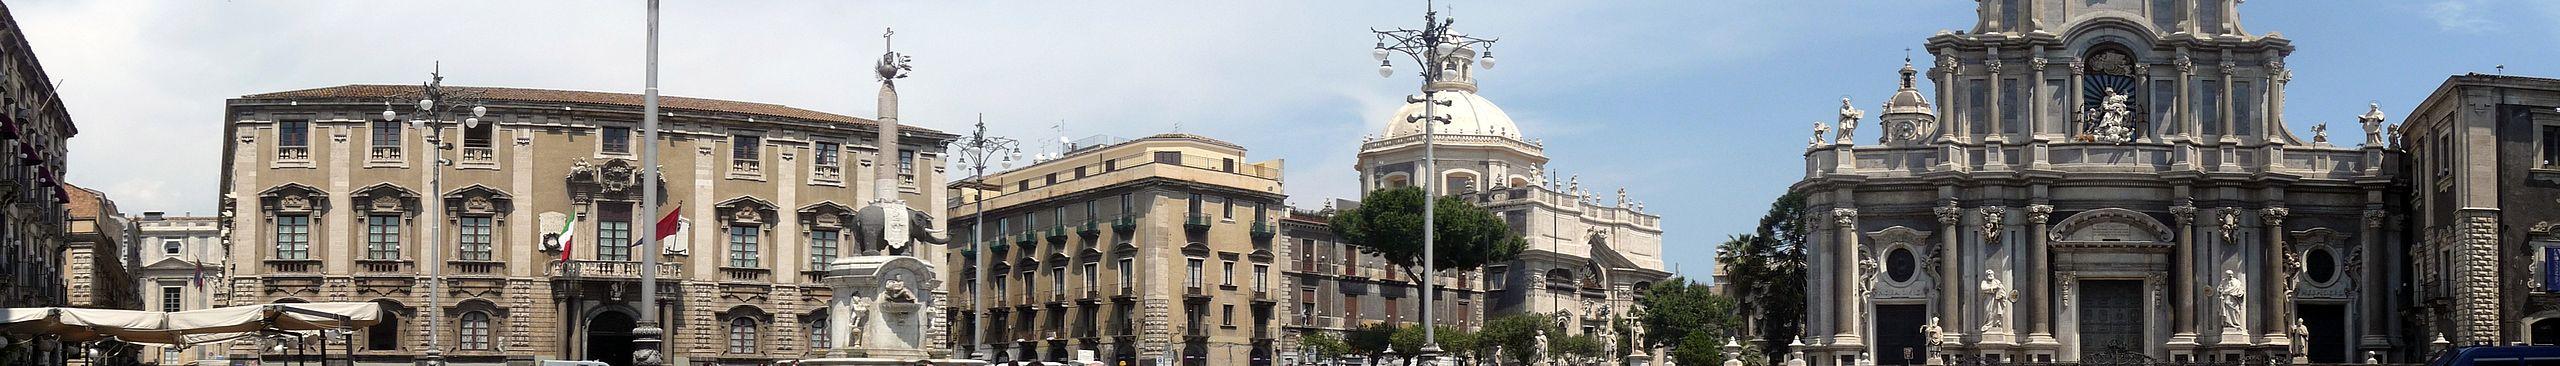 Raccolta Ferro Vecchio Catania catania - wikivoyage, guida turistica di viaggio